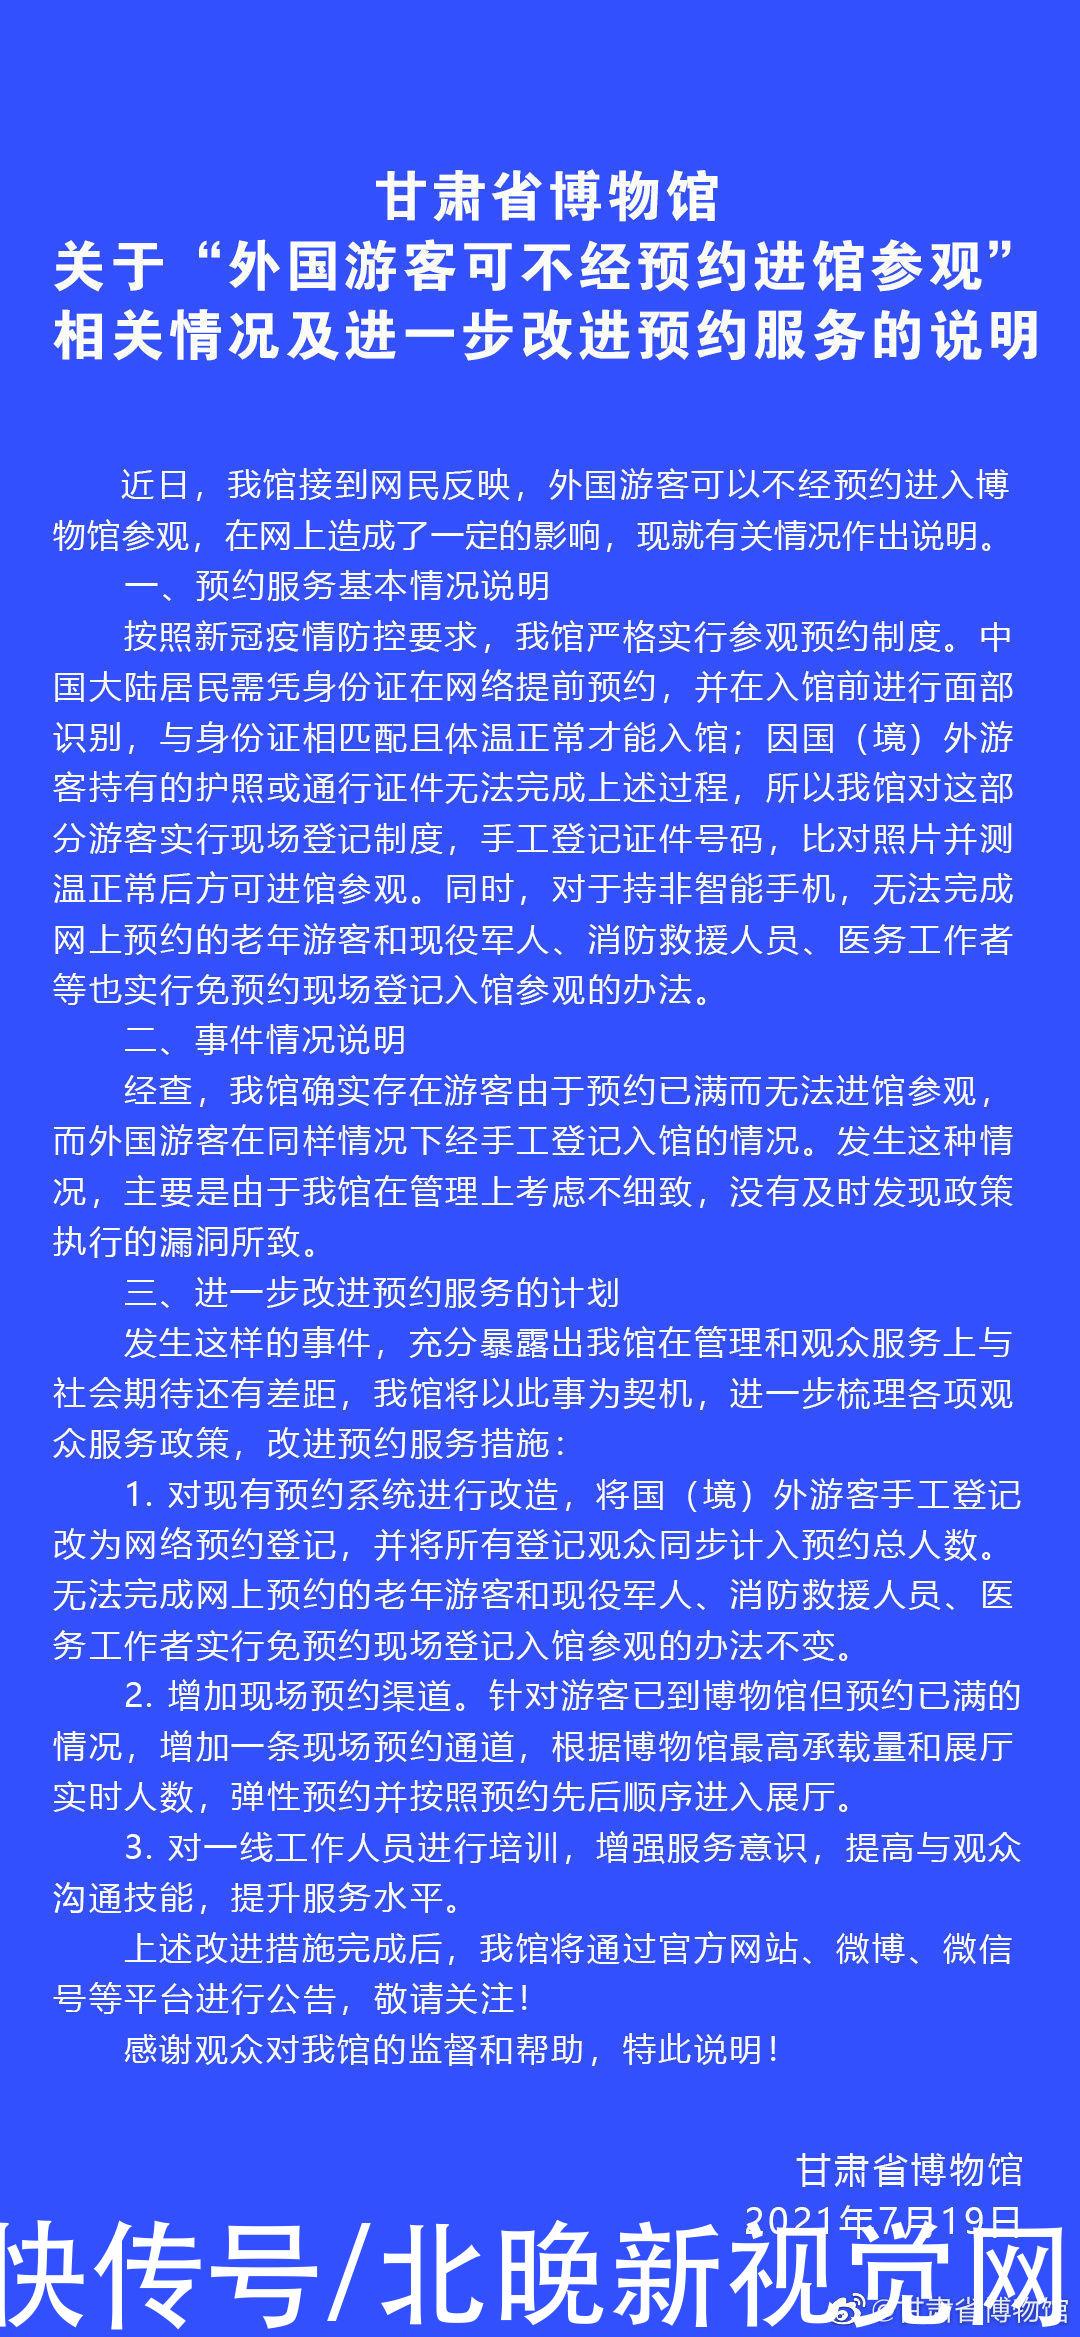 游客 外国游客免预约进馆?甘肃省博物馆回应